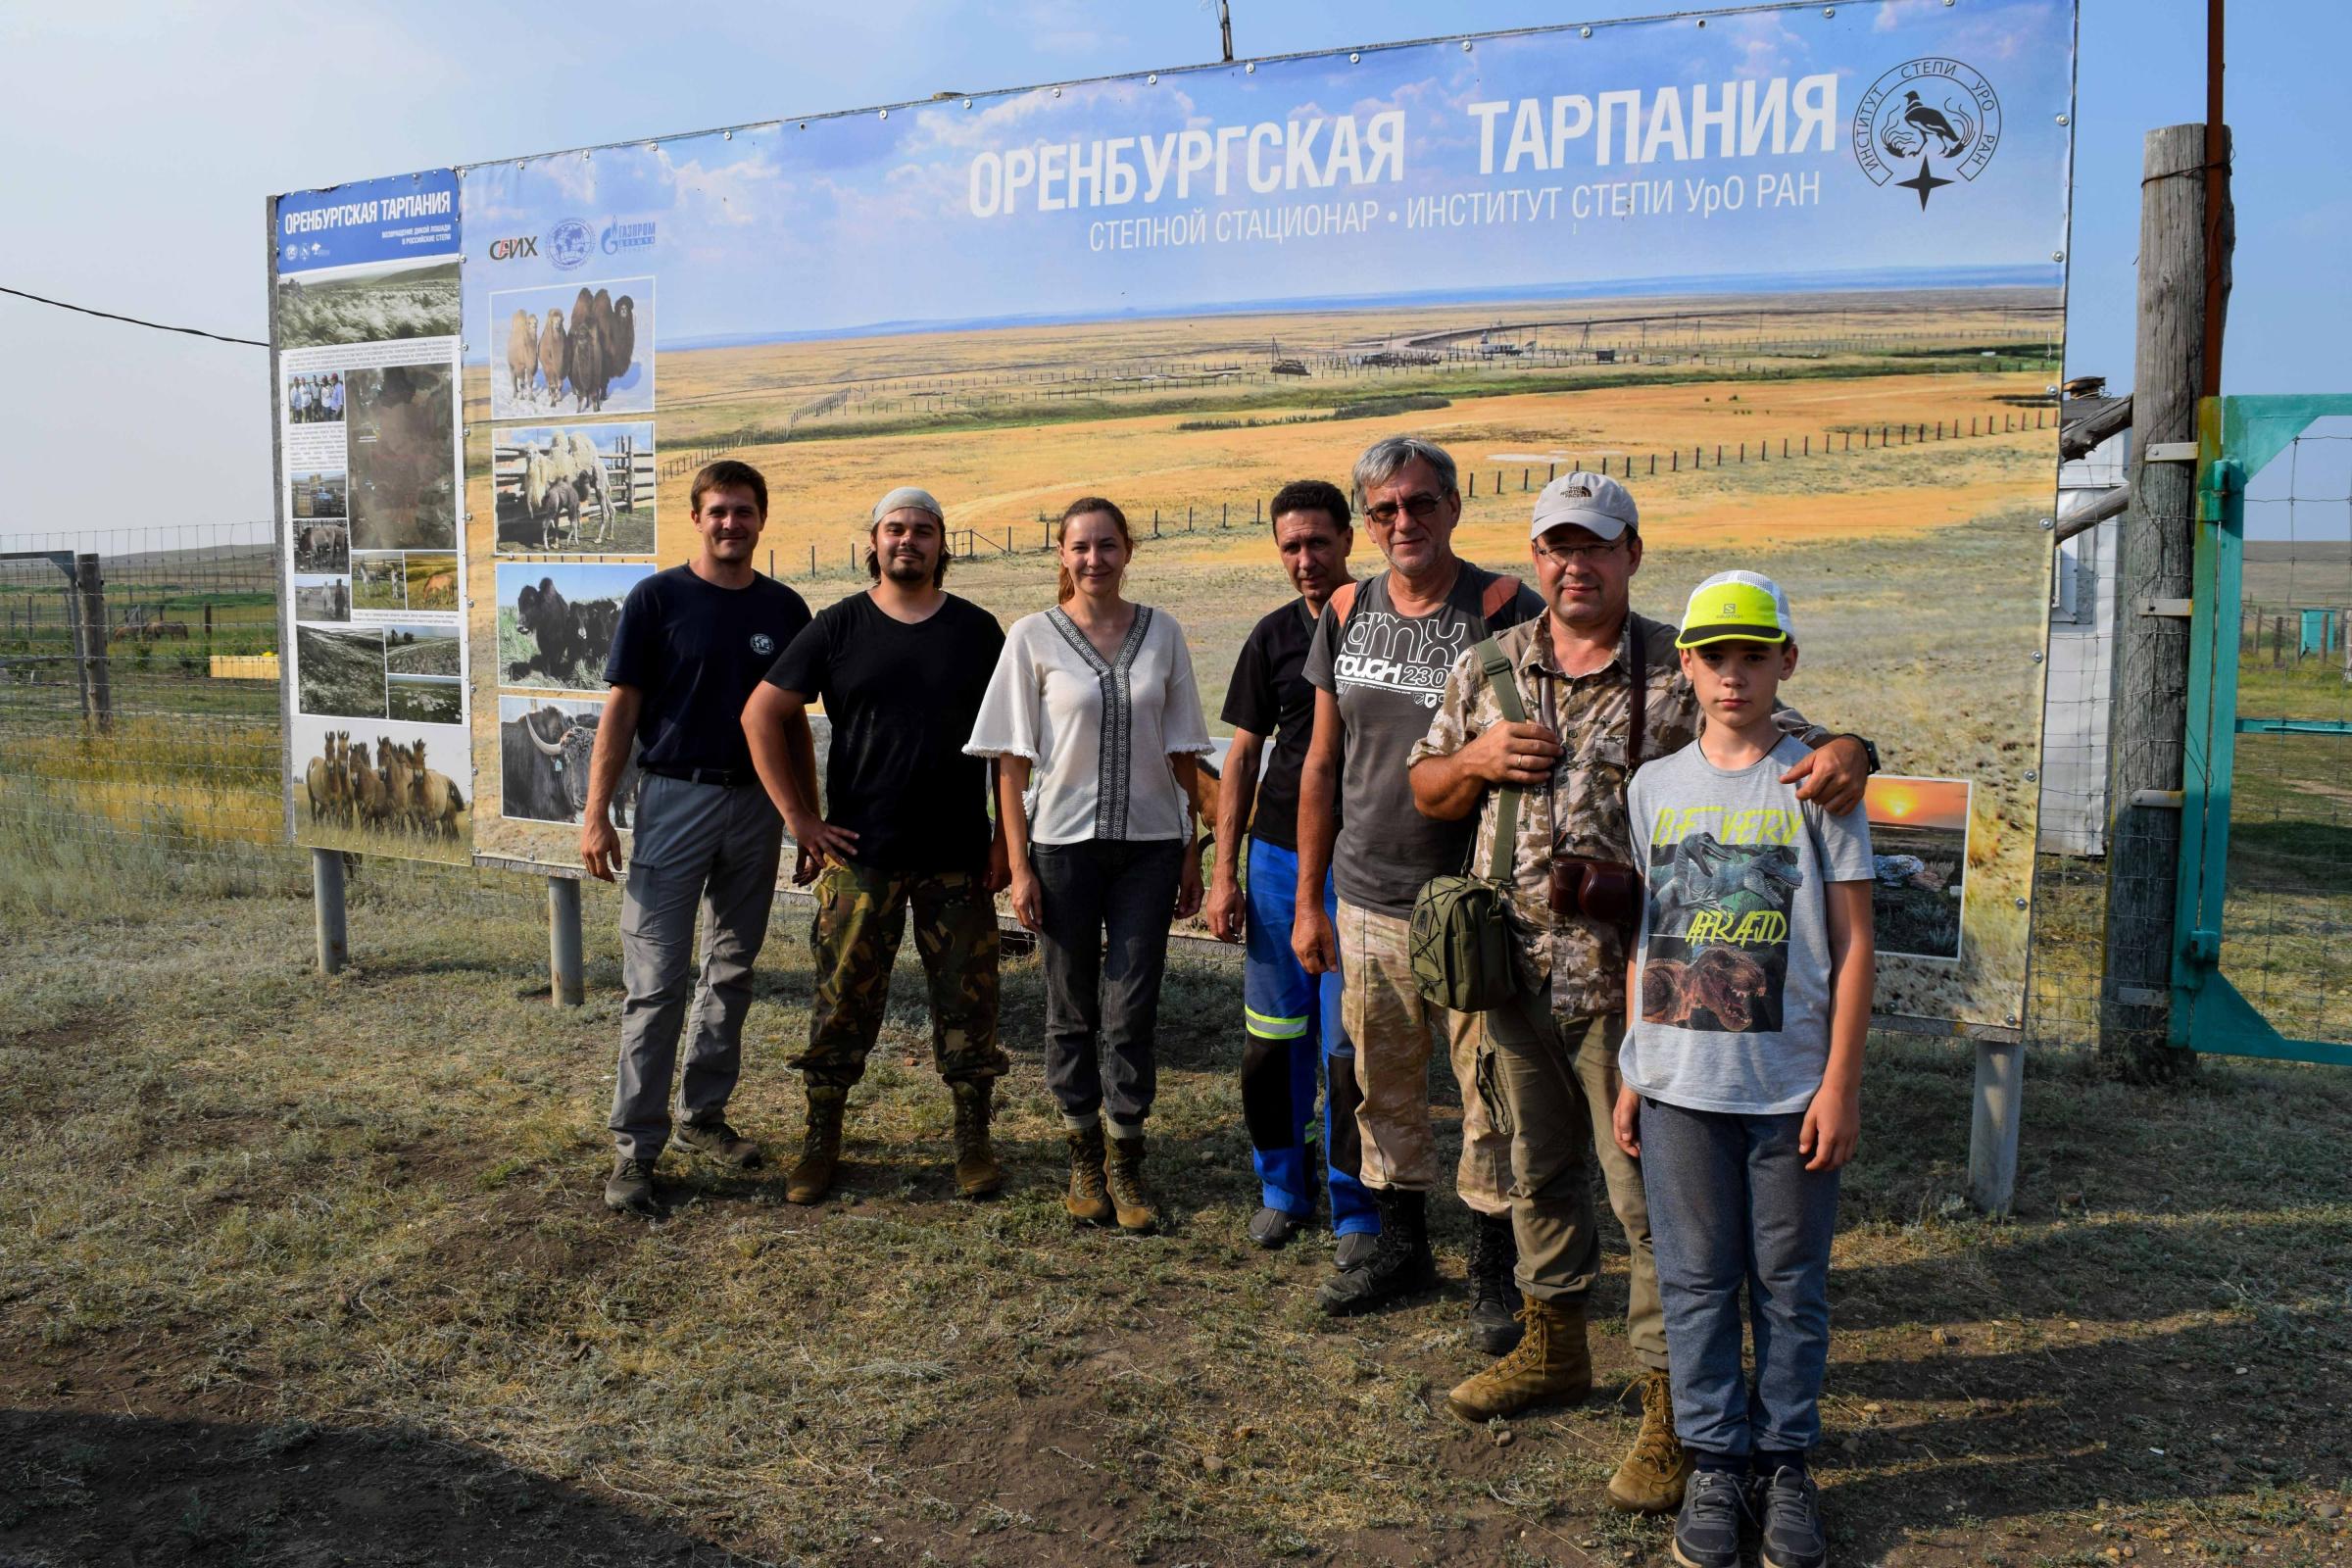 Участники Палеонтологической экспедиции в Оренбургской Тарпании. Фото: Р. Гунчина